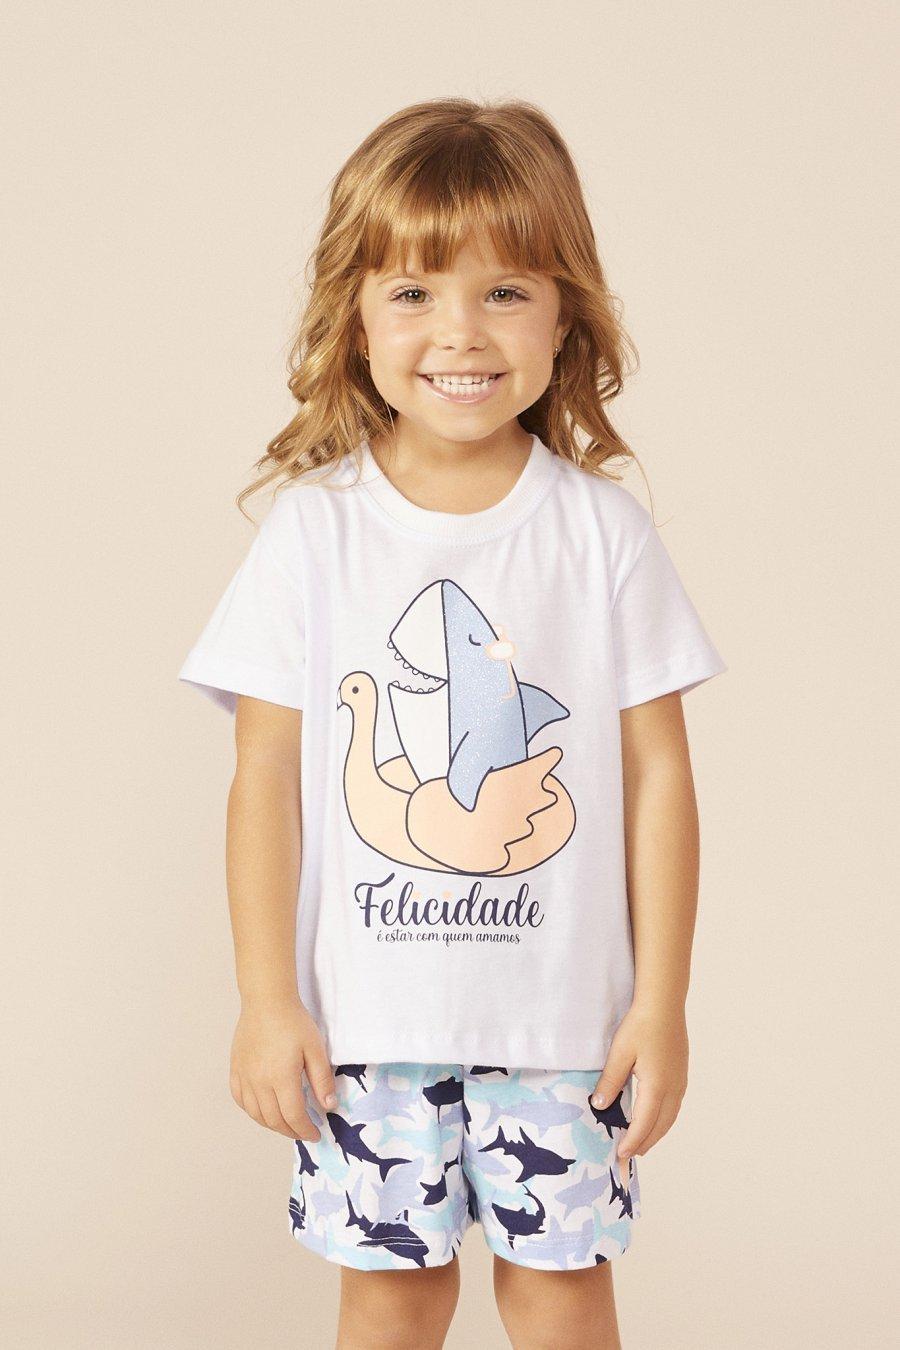 LANÇAMENTO Pijama Baby 100% Algodão Felicidade Mundo dos Sonhos Primavera Verão 22 MDS